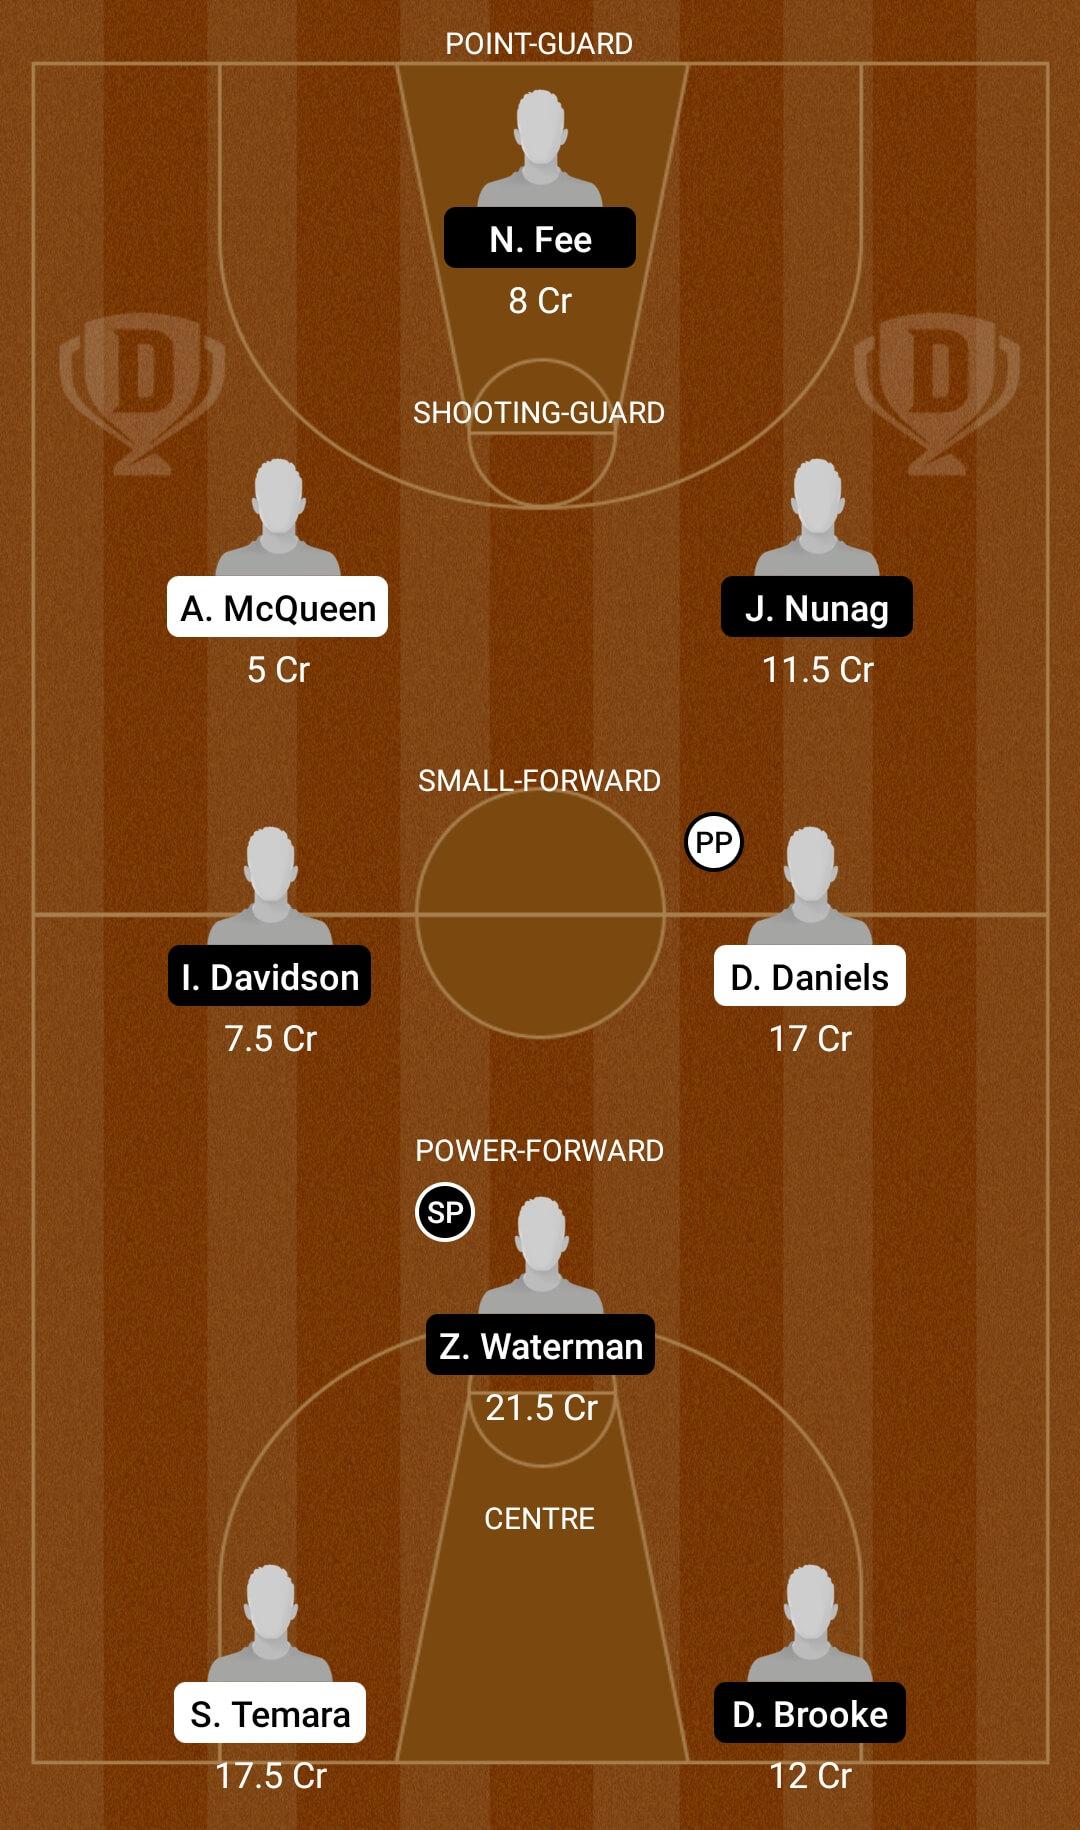 MWJ Vs FKB Dream11 Prediction